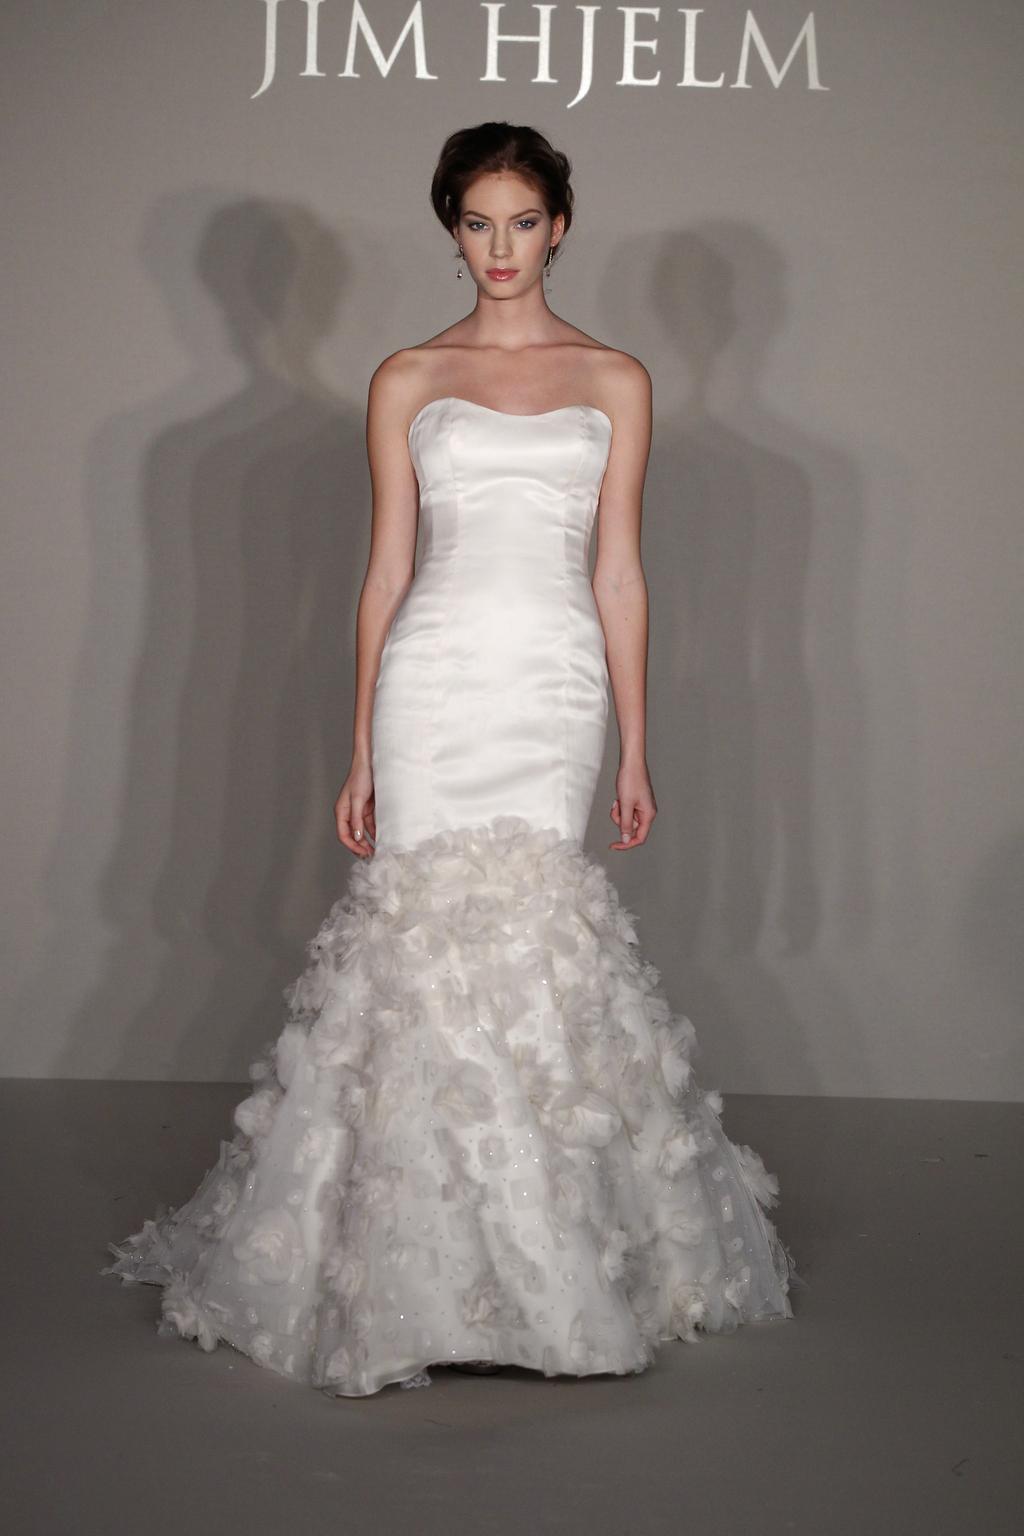 Jim-hjelm-wedding-dress-spring-2012-bridal-gowns-8212.full